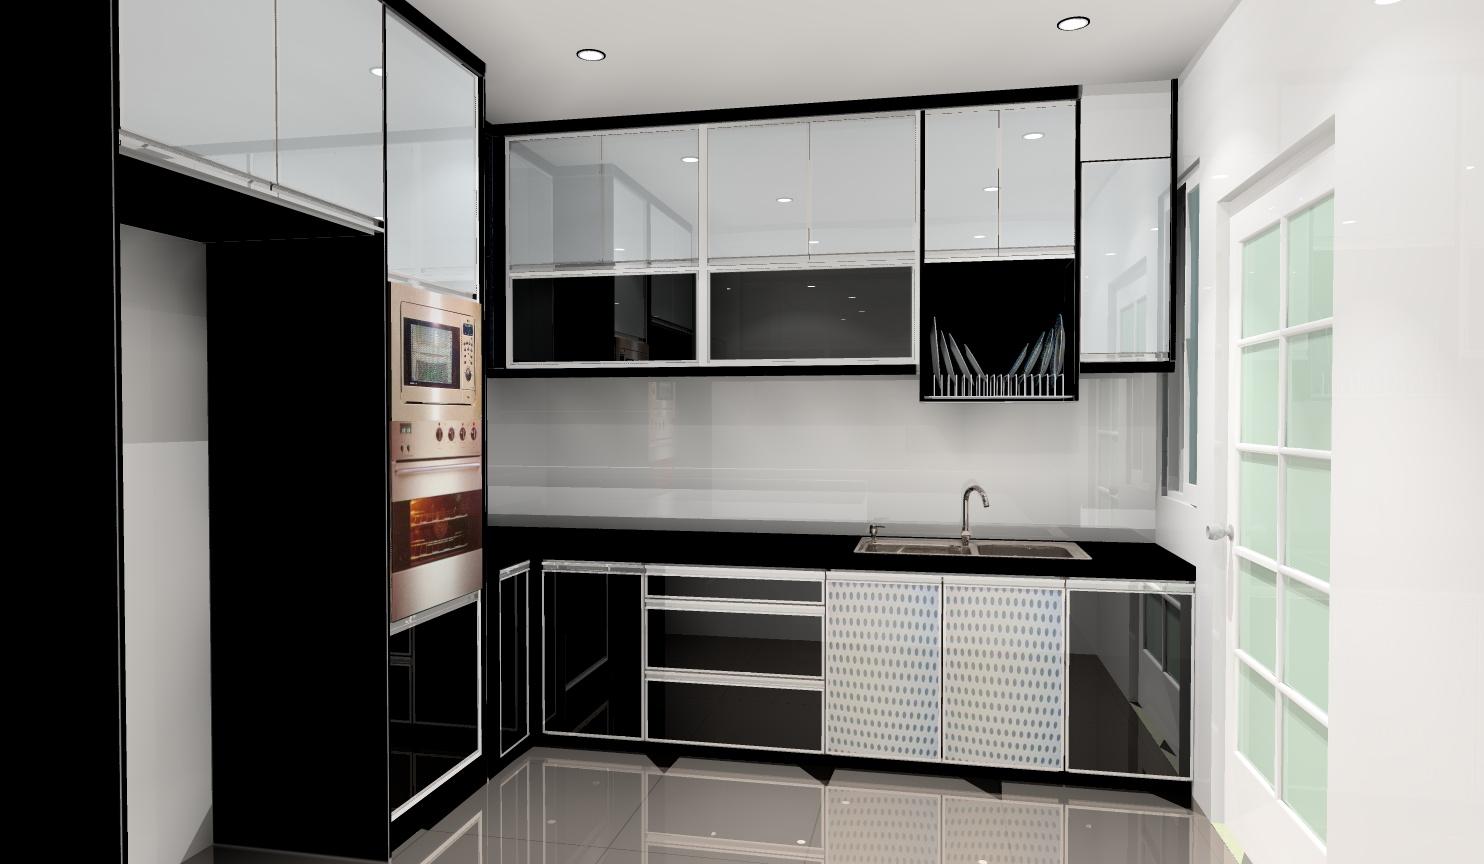 Kabinet dapur terus dari kilang kilang kabinet dapur di for Kitchen cabinet murah 2016